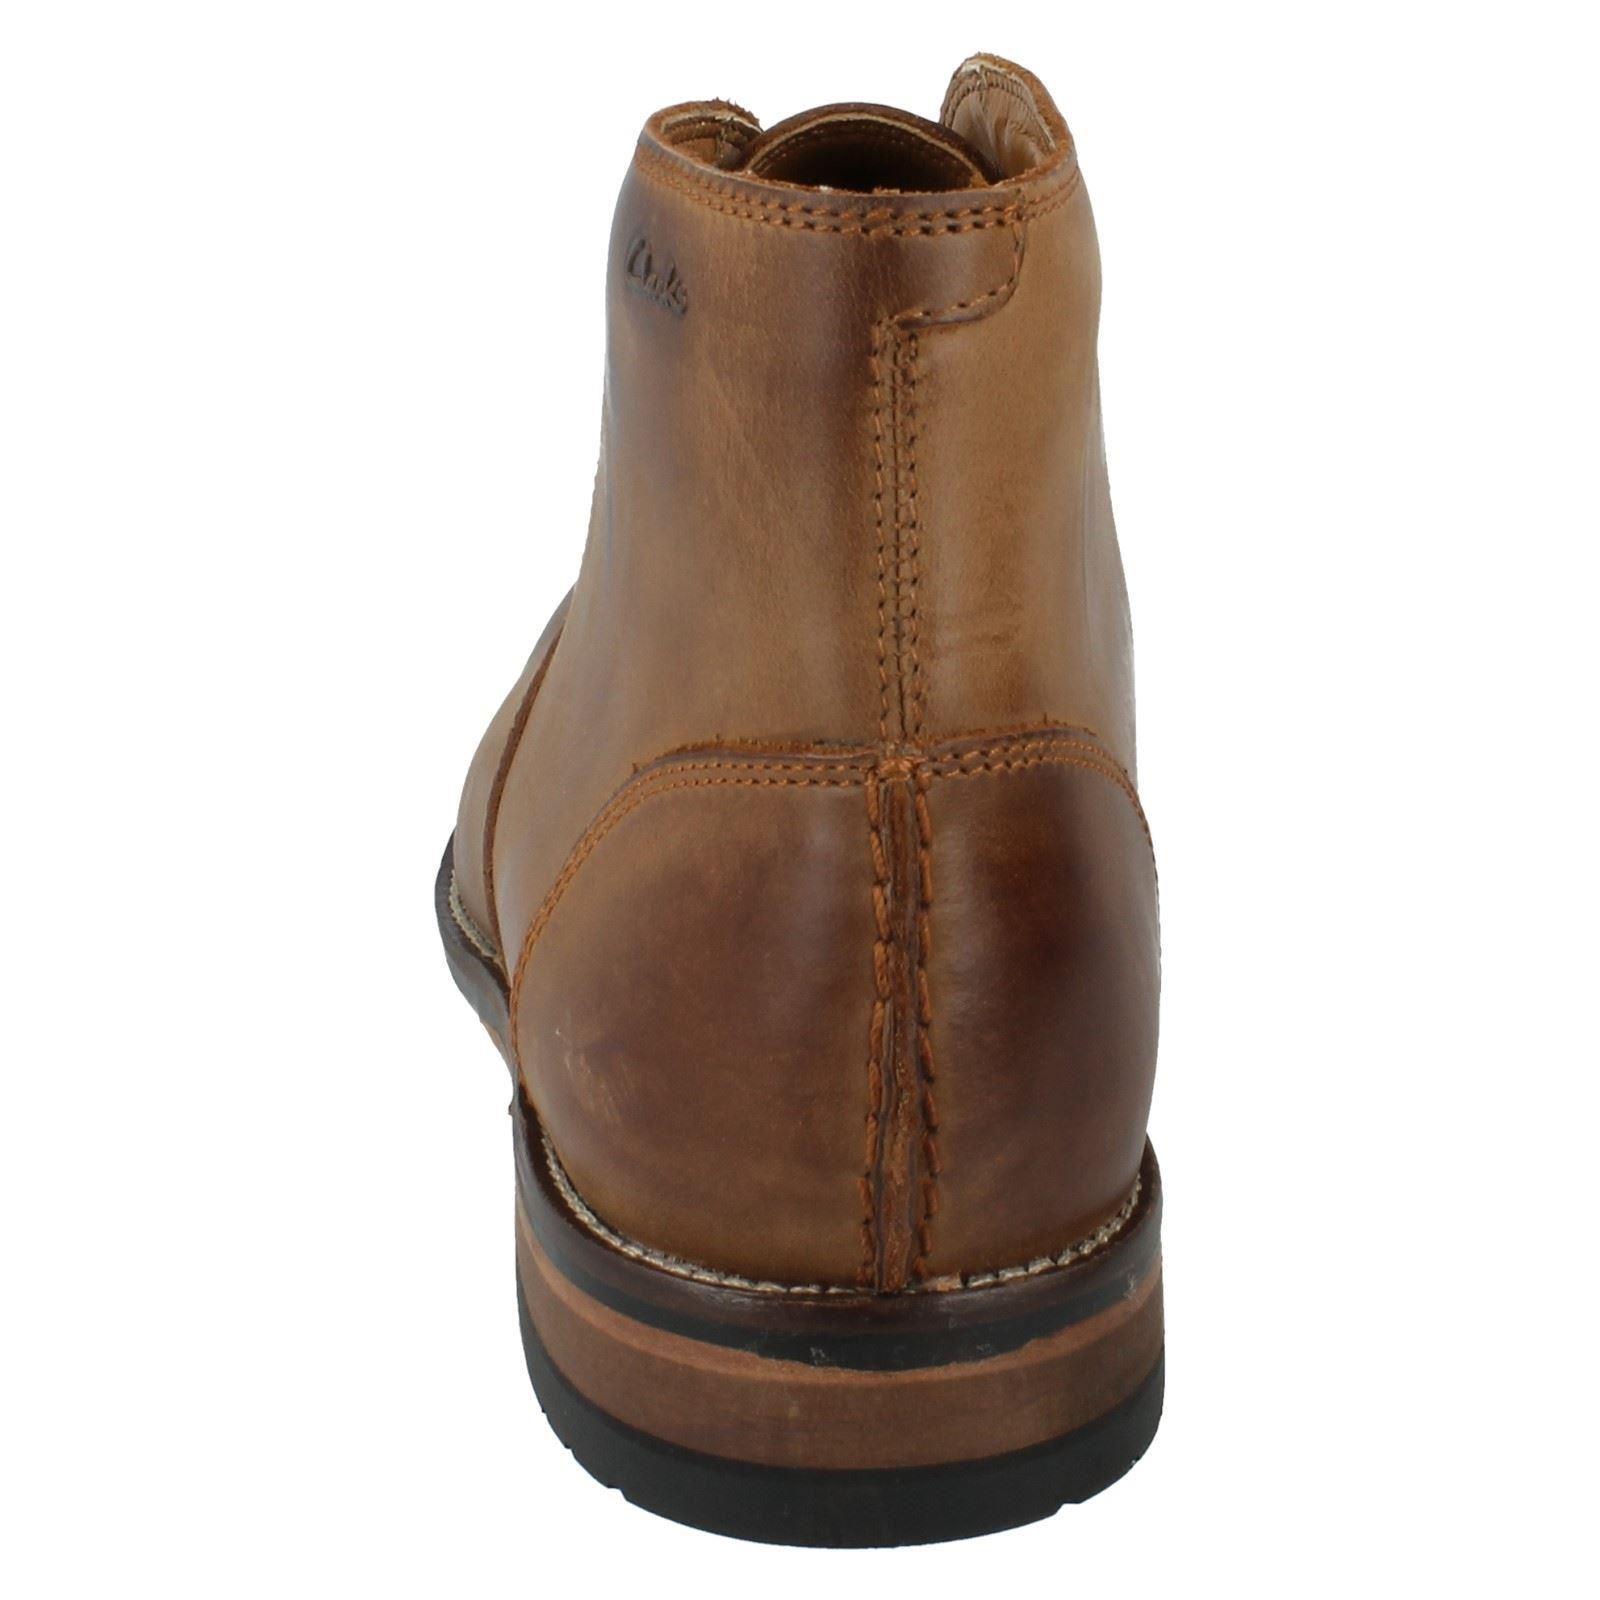 Messieurs / Dames MEN'S Clarks Smart Bottines Label-exton Up apparence vente en ligne Belle apparence Up Excellente fonction d8c203